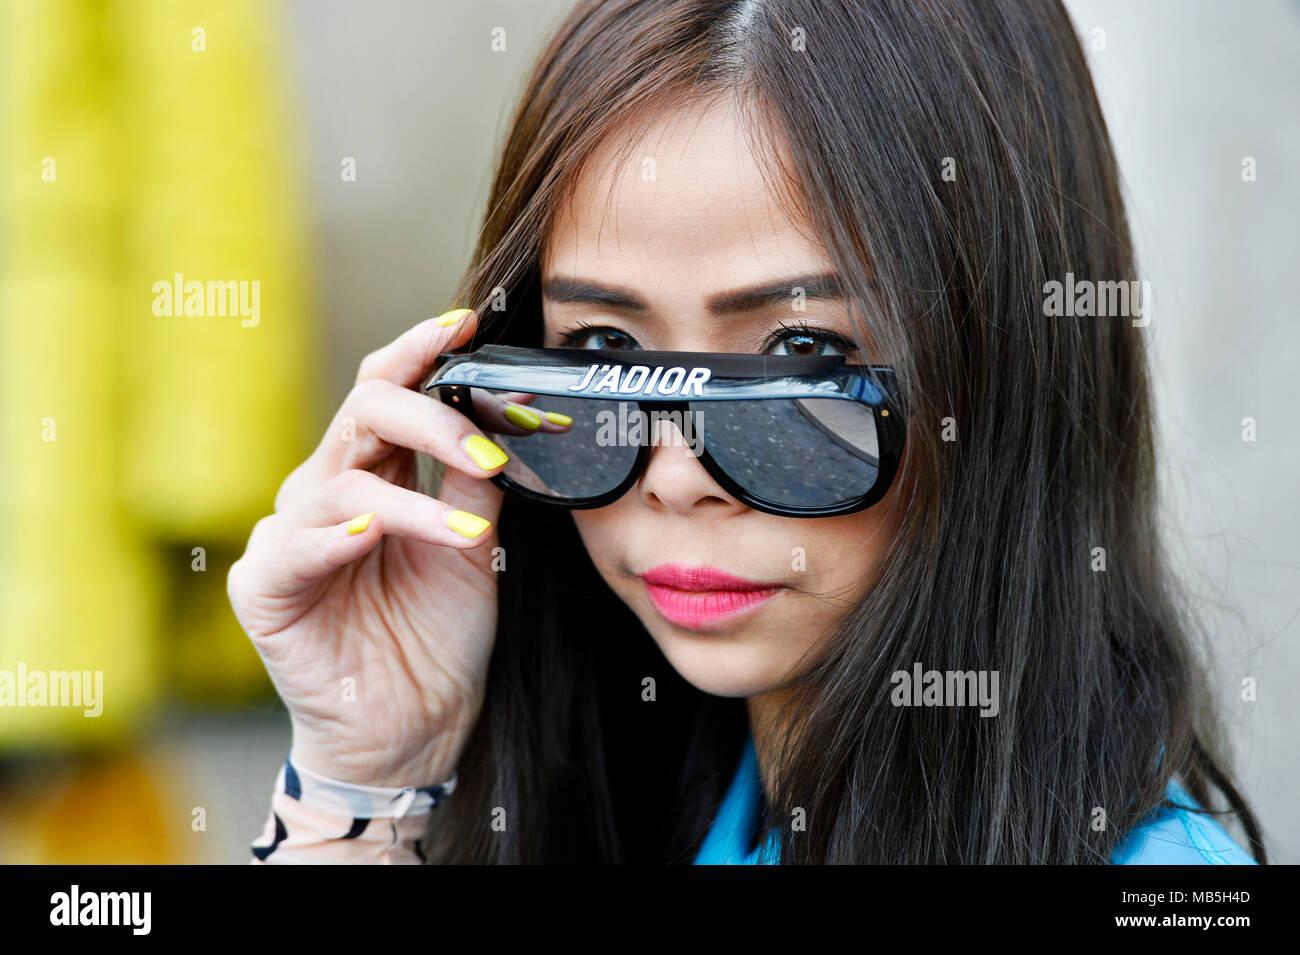 541419c6b3 J adior shades - Fashion Week of Paris - Ready to Wear FW 18